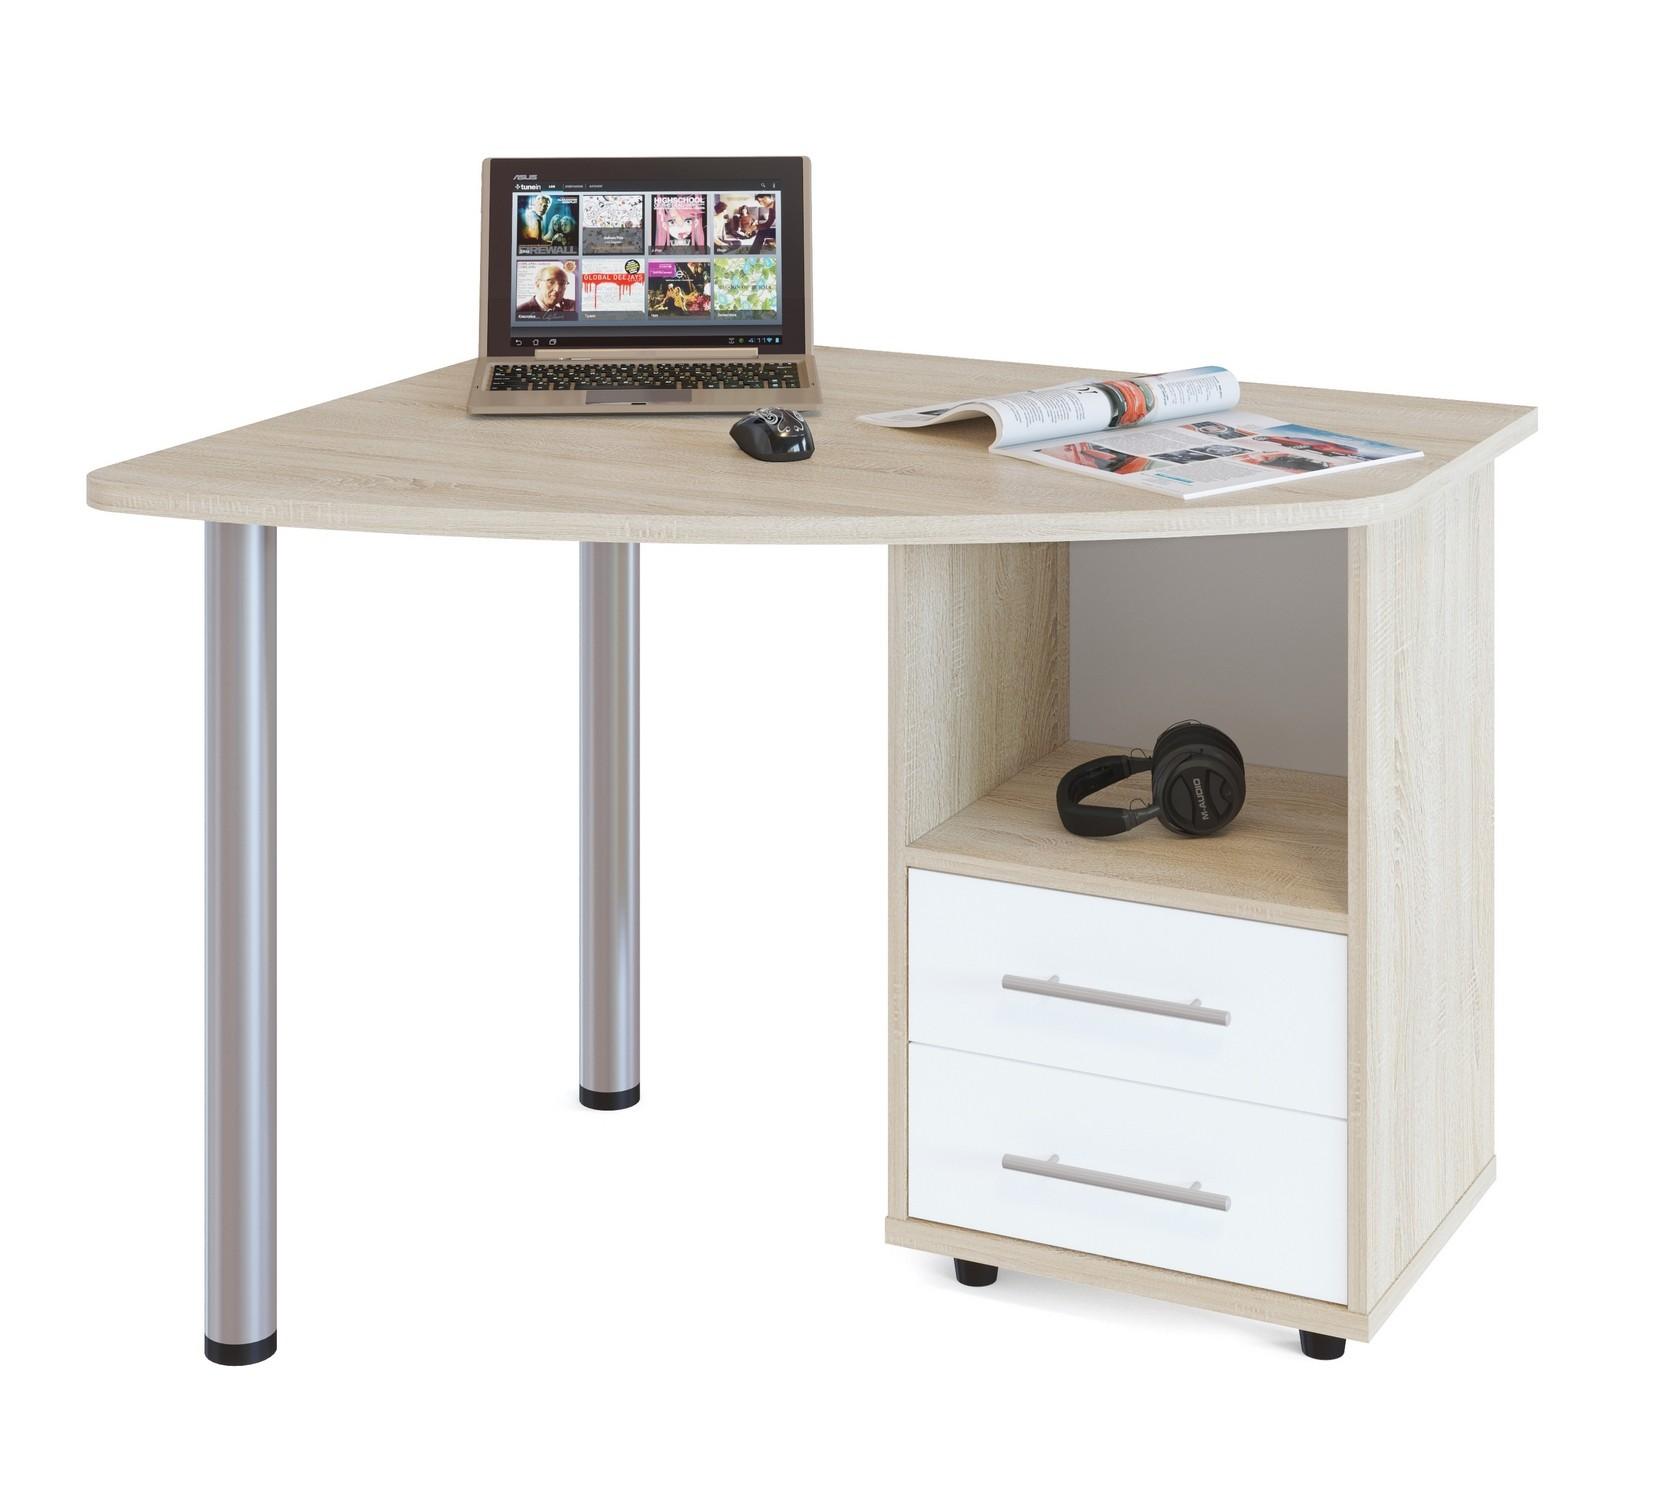 Компьютерные столы форма столешницы угловая- онлайн каталог .